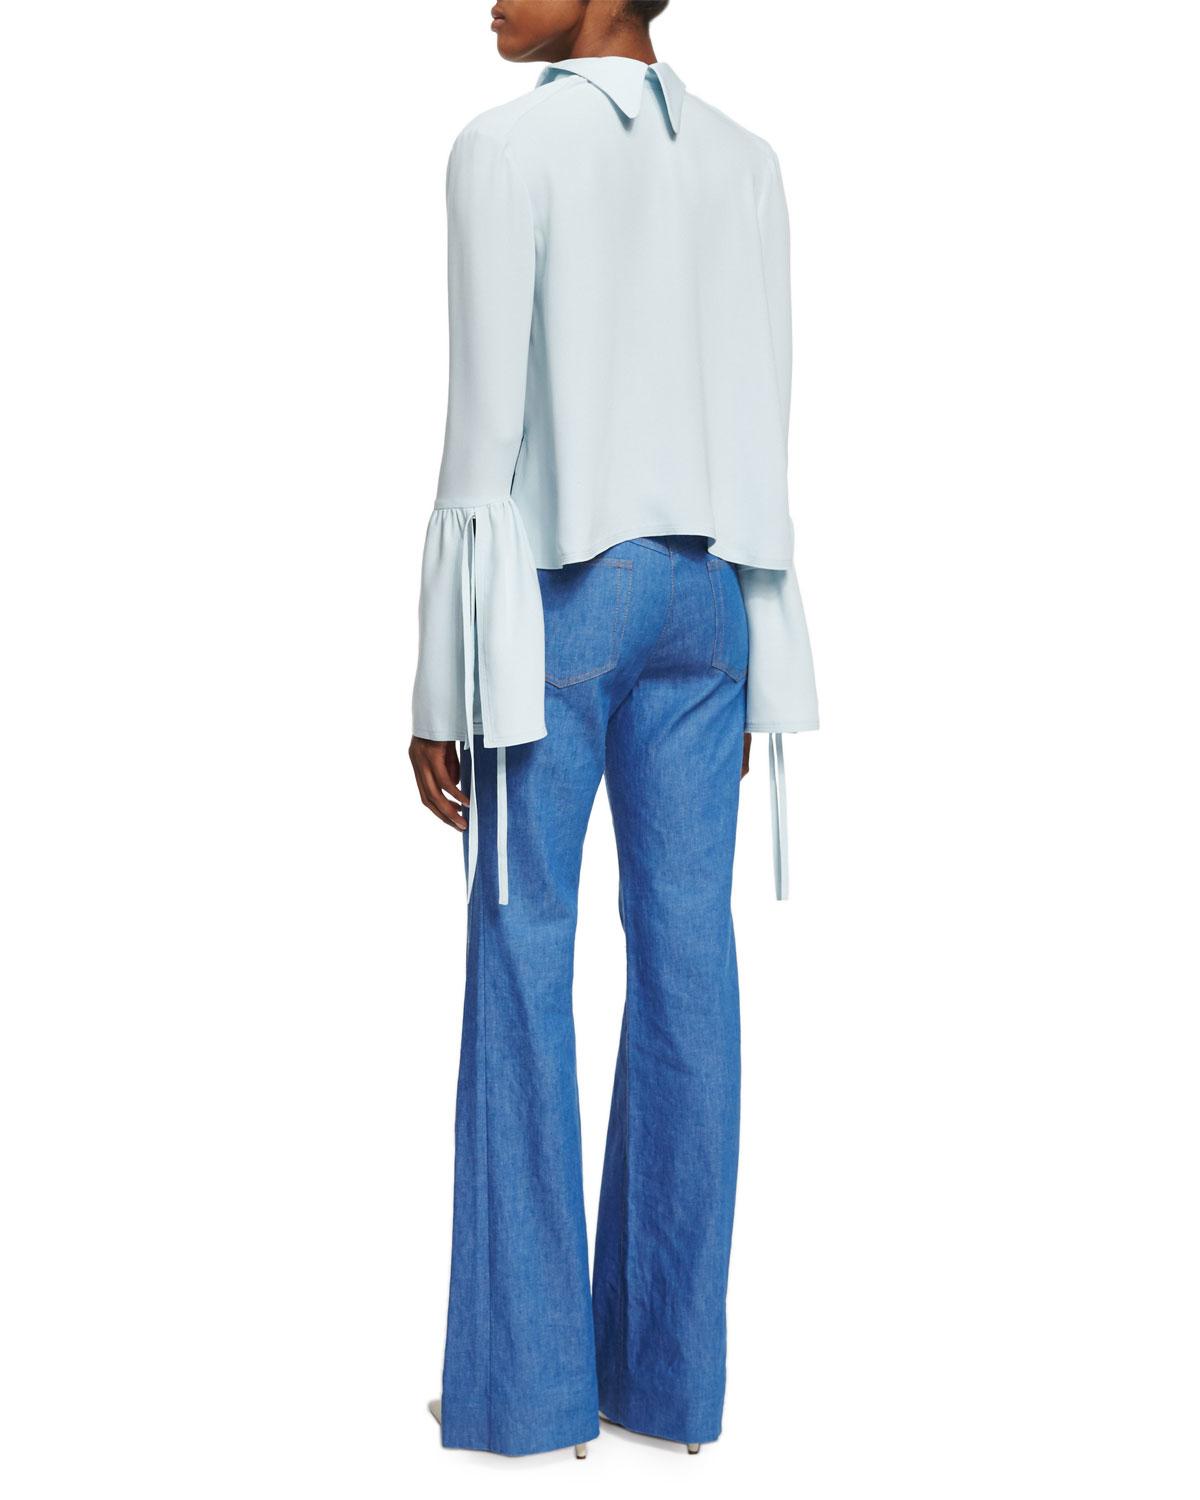 504222f32b56bf Lyst - Derek Lam Silk-crepe Bell-sleeve Top in Blue